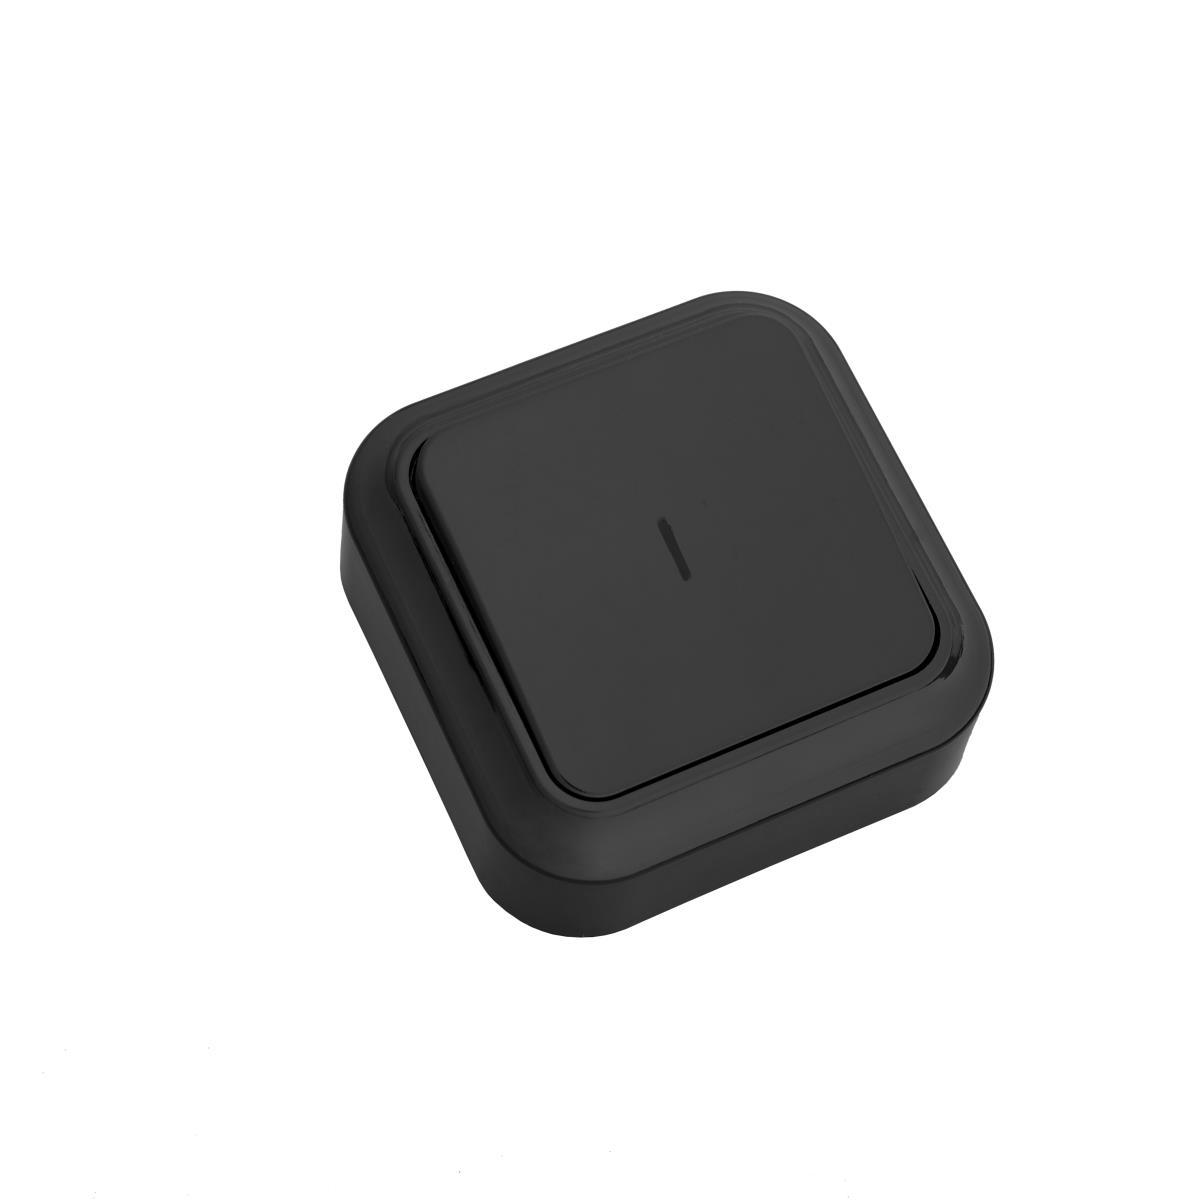 Lichtschalter Aufputz Beleuchtet, IP20 farbe schwarz, serie Praleska,Bylectrica,A110-214-B, 4810158068120